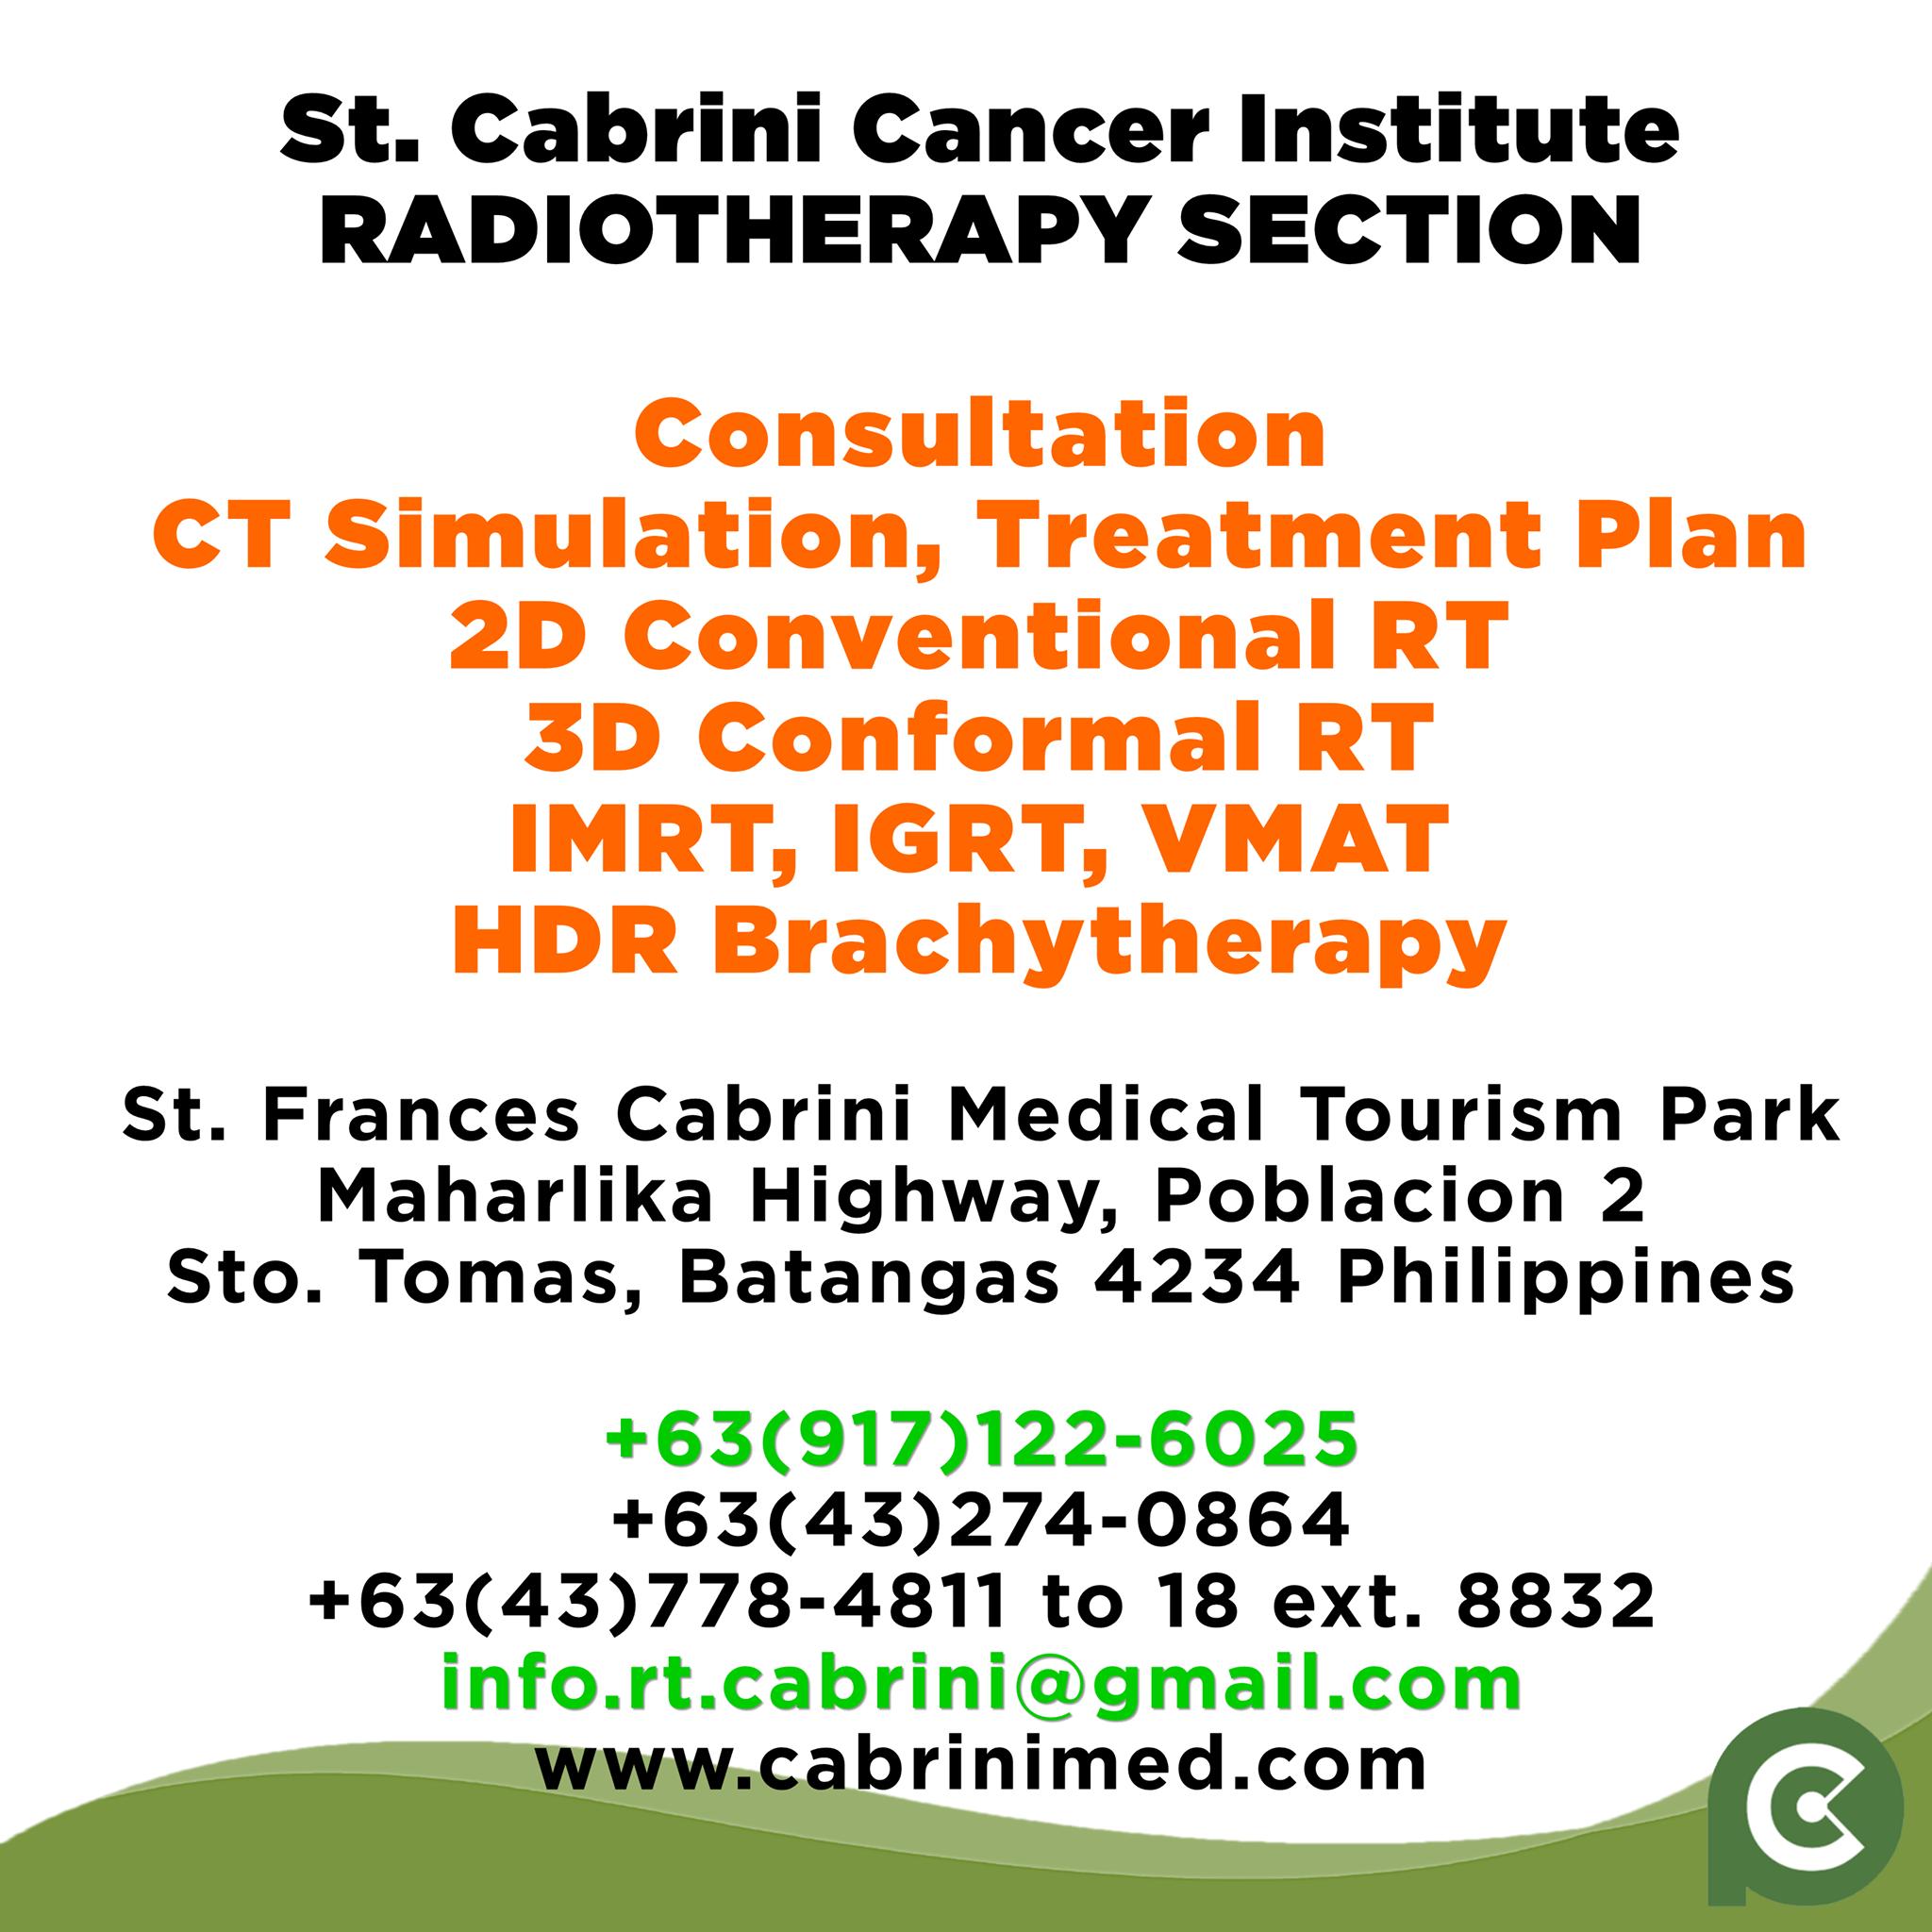 St. Cabrini Services